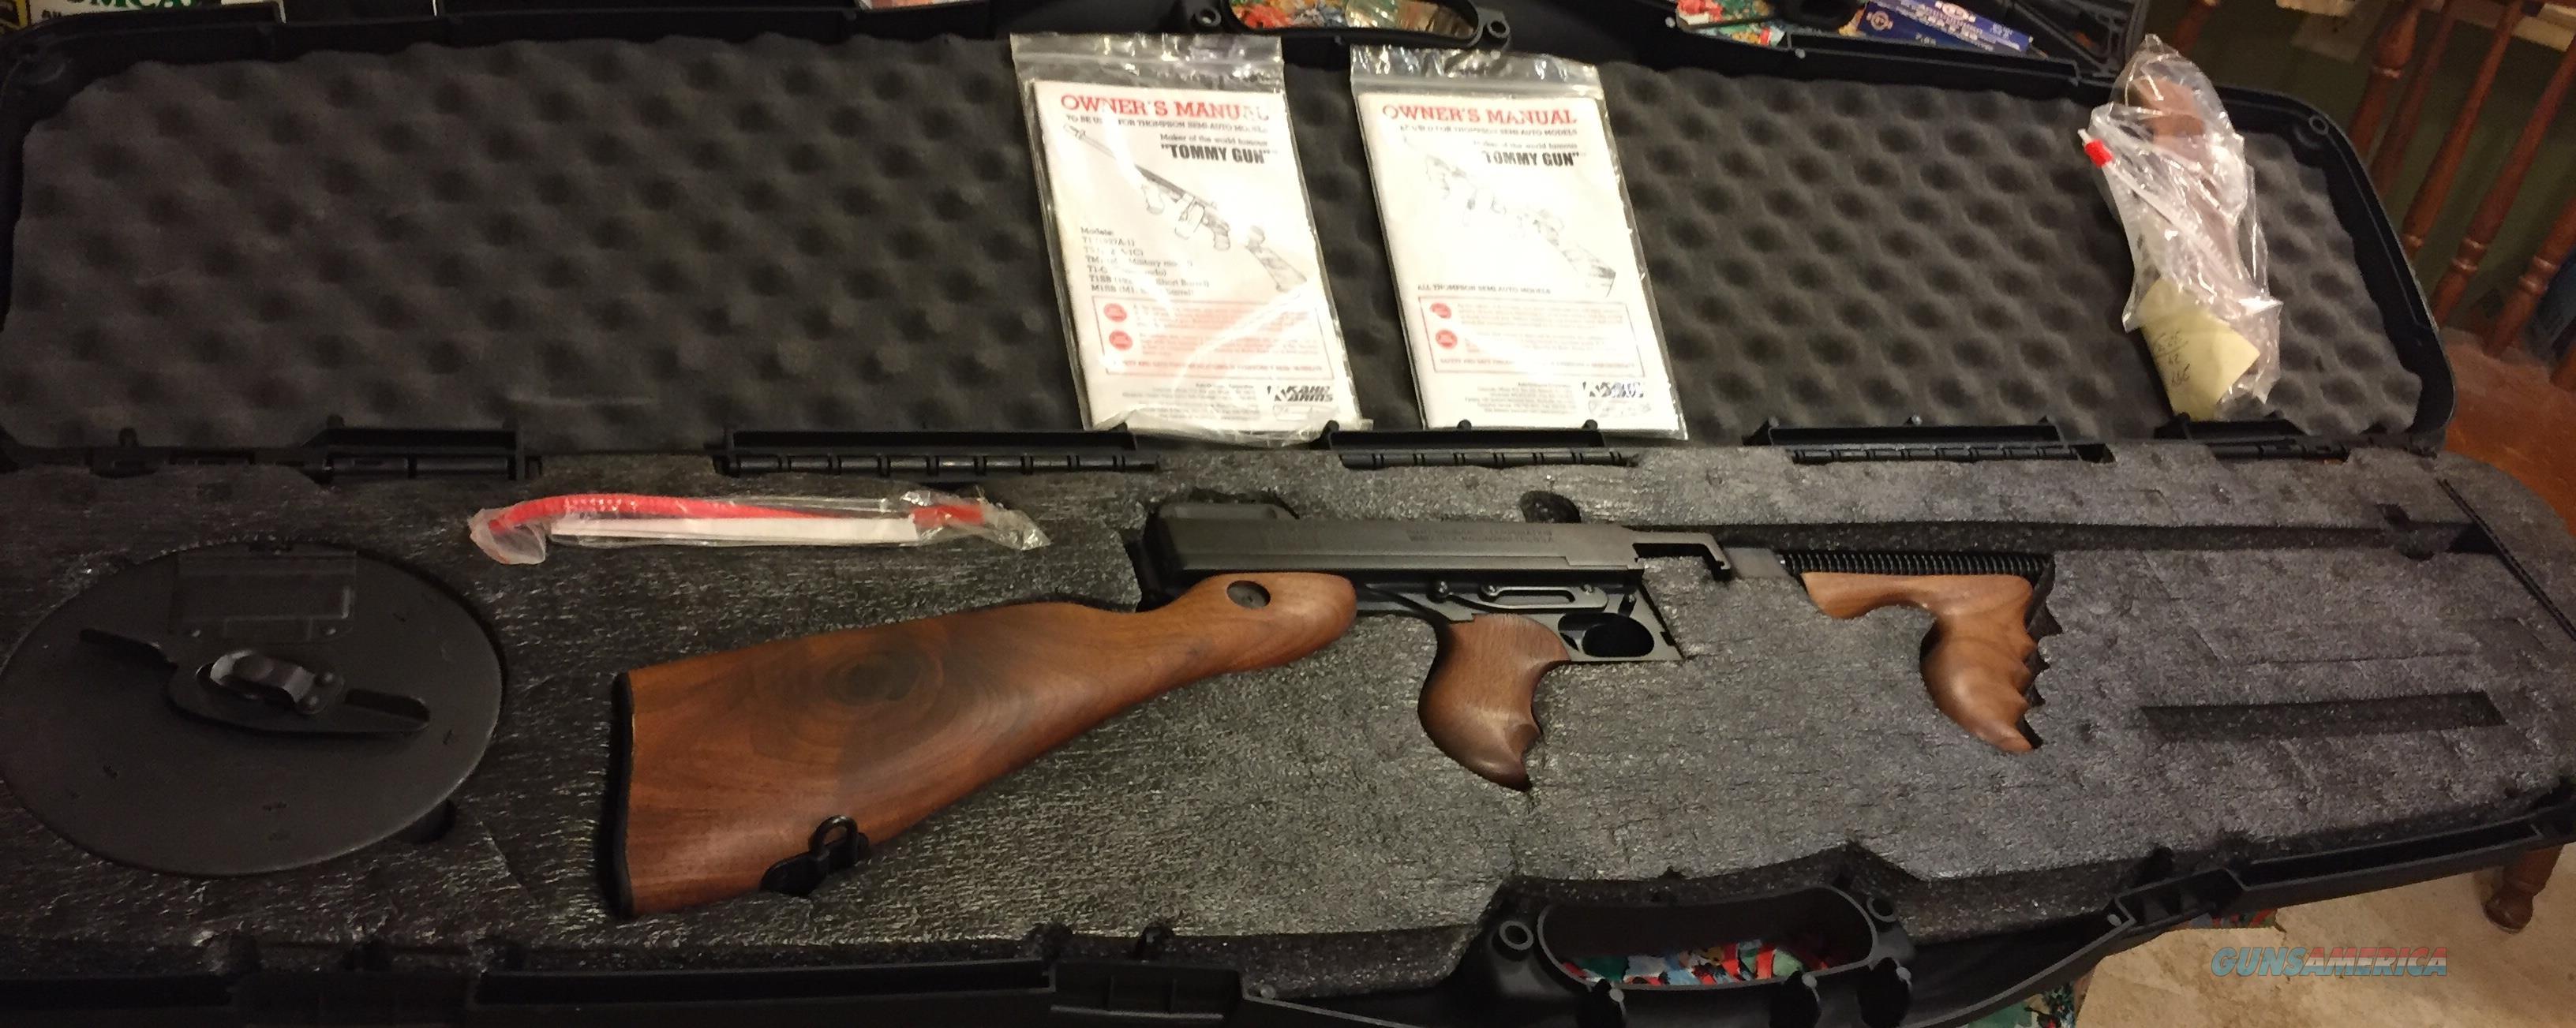 Auto Ordnace 1927A1  Guns > Rifles > Auto Ordnance Rifles